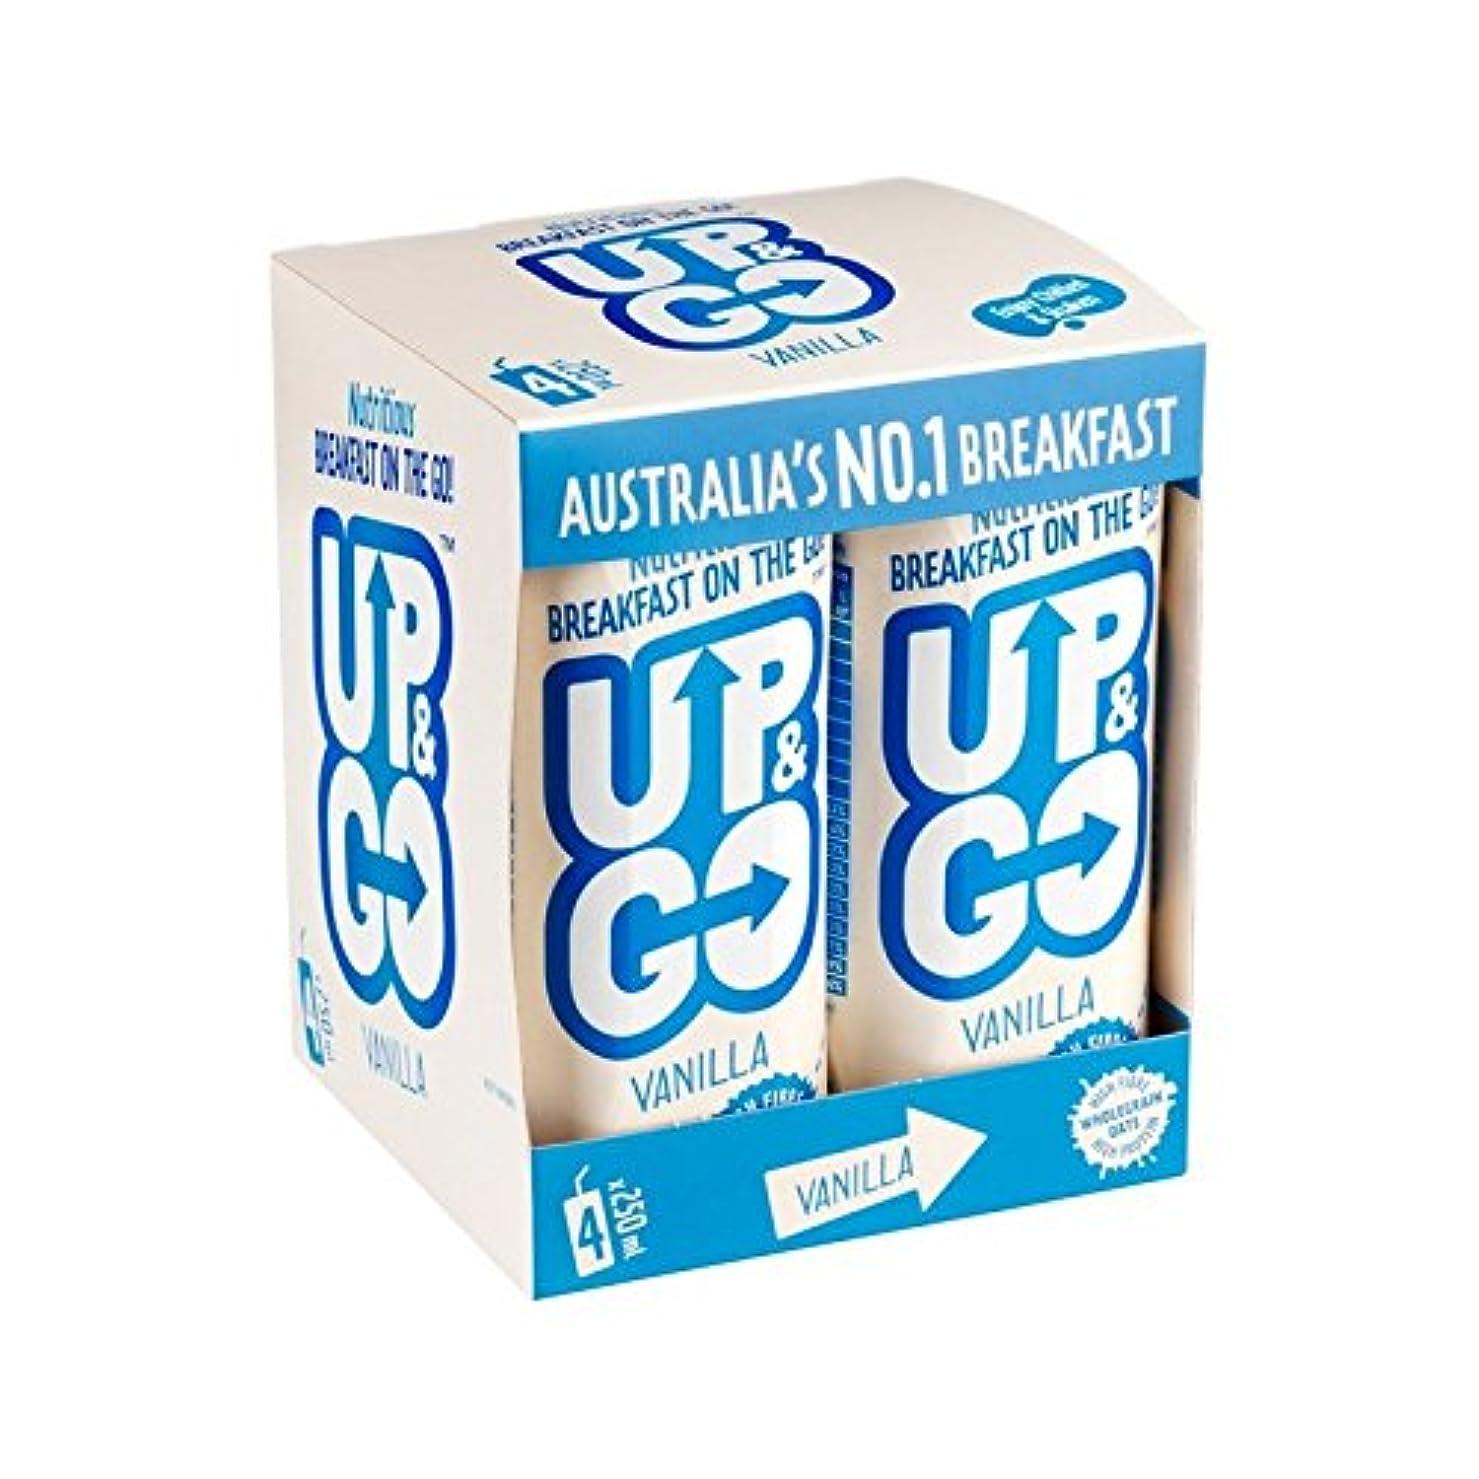 適度に免疫する学校の先生オート麦4×250ミリリットルとバニラ朝食ドリンク (Up&Go) (x 2) - Up&Go Vanilla Breakfast Drink with Oats 4 x 250ml (Pack of 2) [並行輸入品]